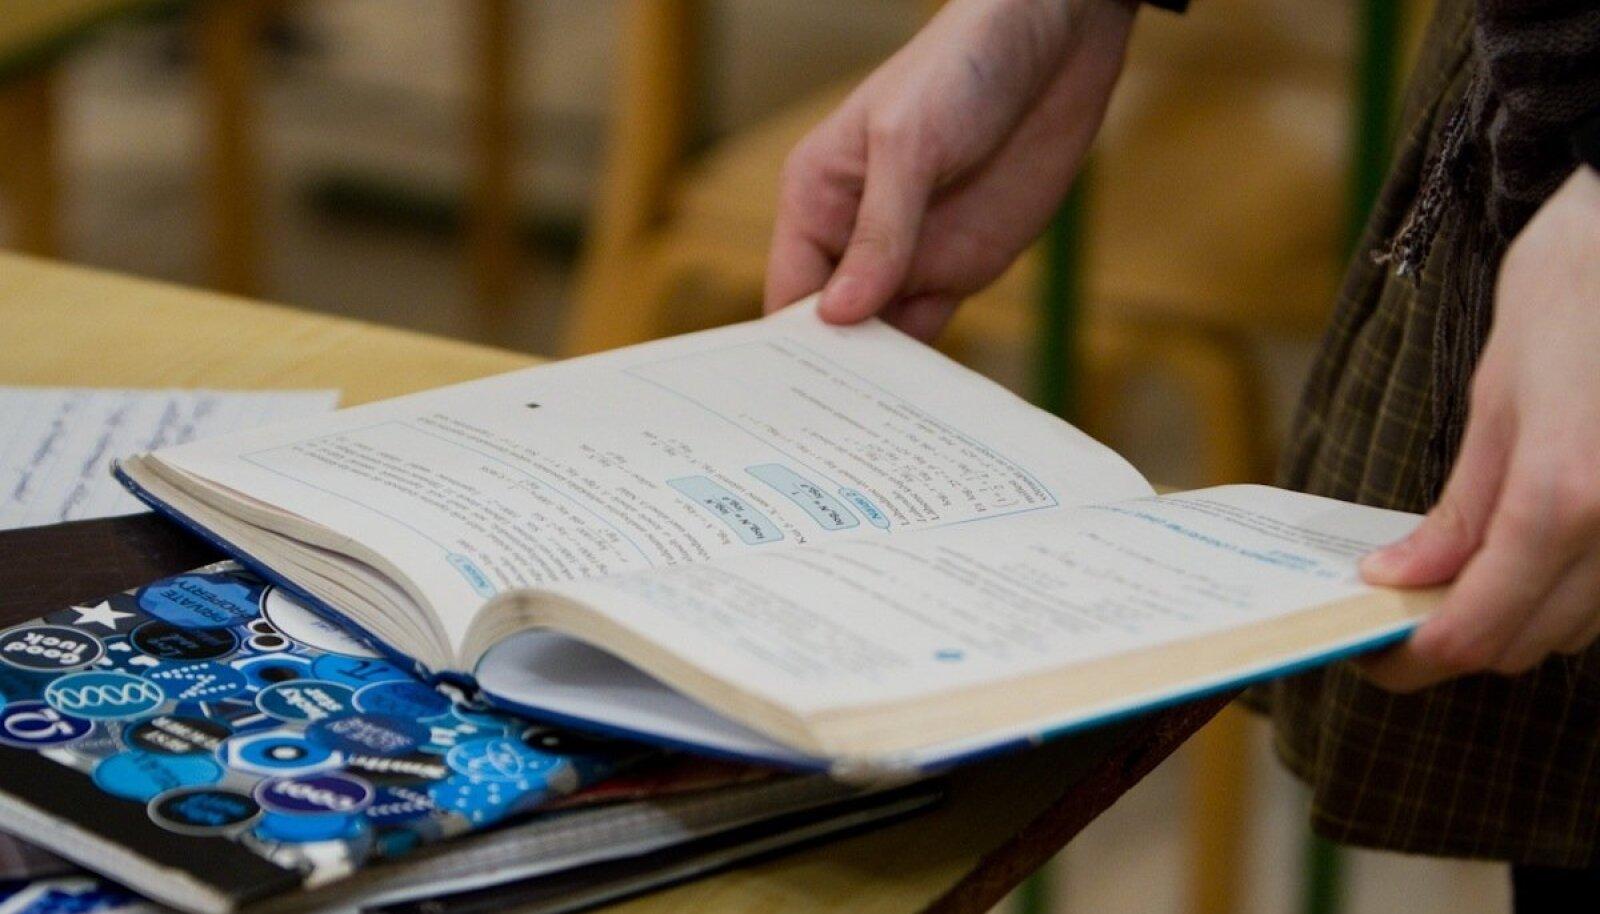 Koolitööga lõpetatakse sageli väga hilistel õhtutundidel